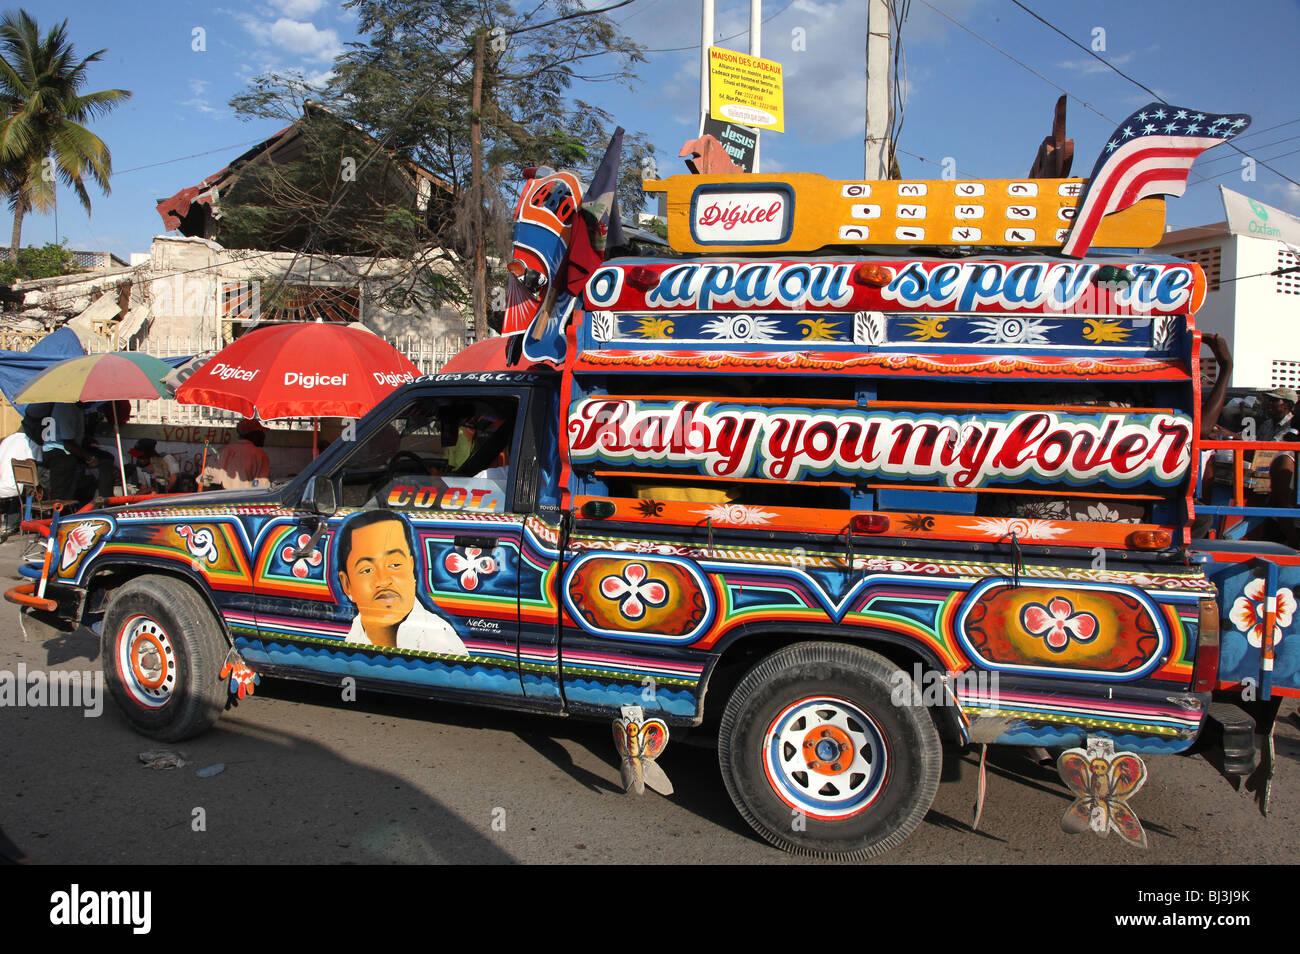 Appuyez sur appuyez taxi, Port au Prince, Haïti Photo Stock